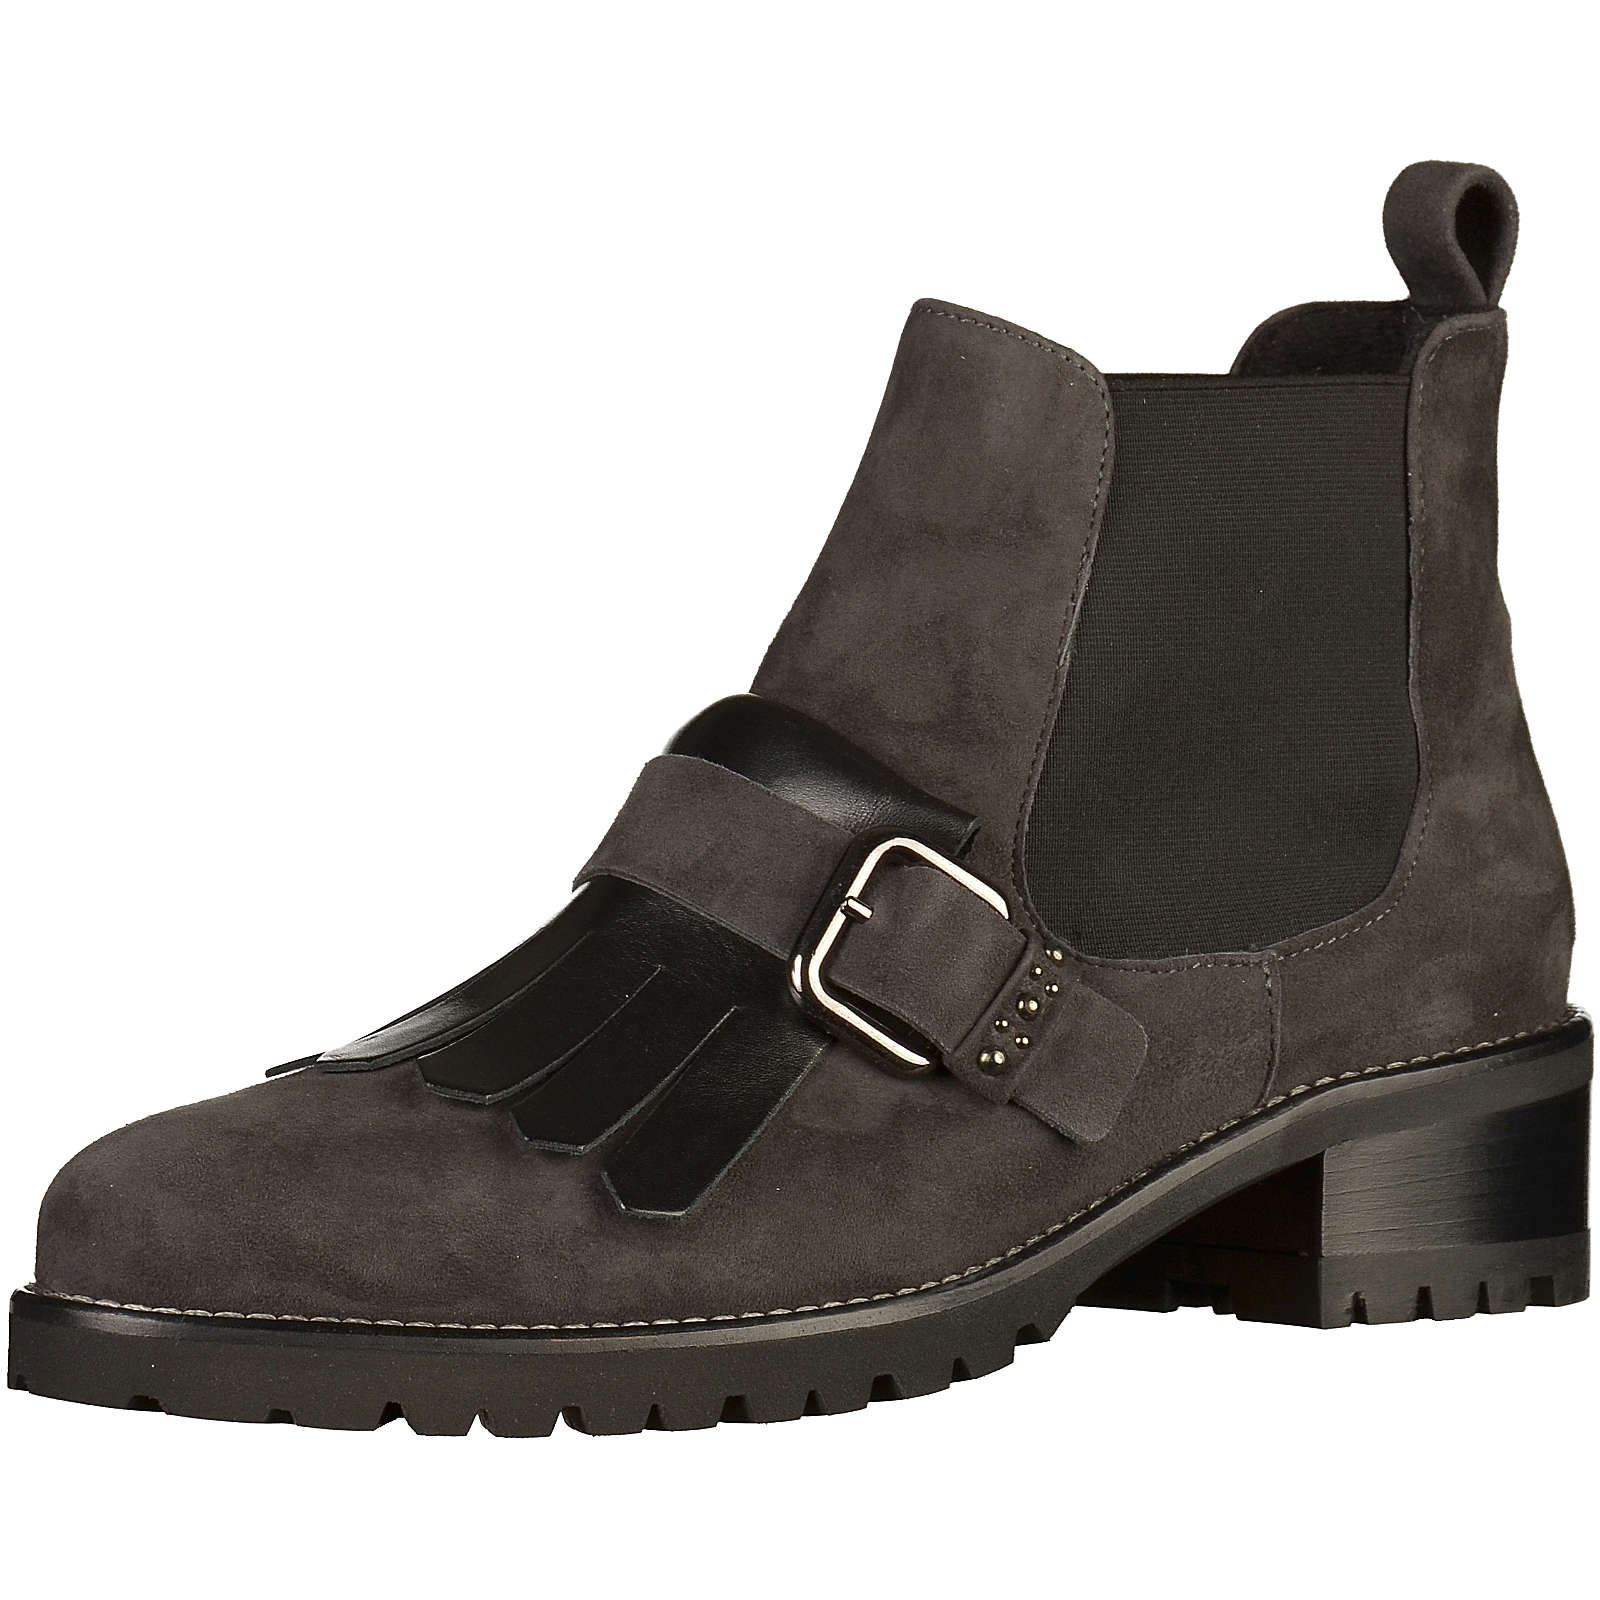 PETER KAISER Chelsea Boots dunkelgrau Damen Gr. 39,5